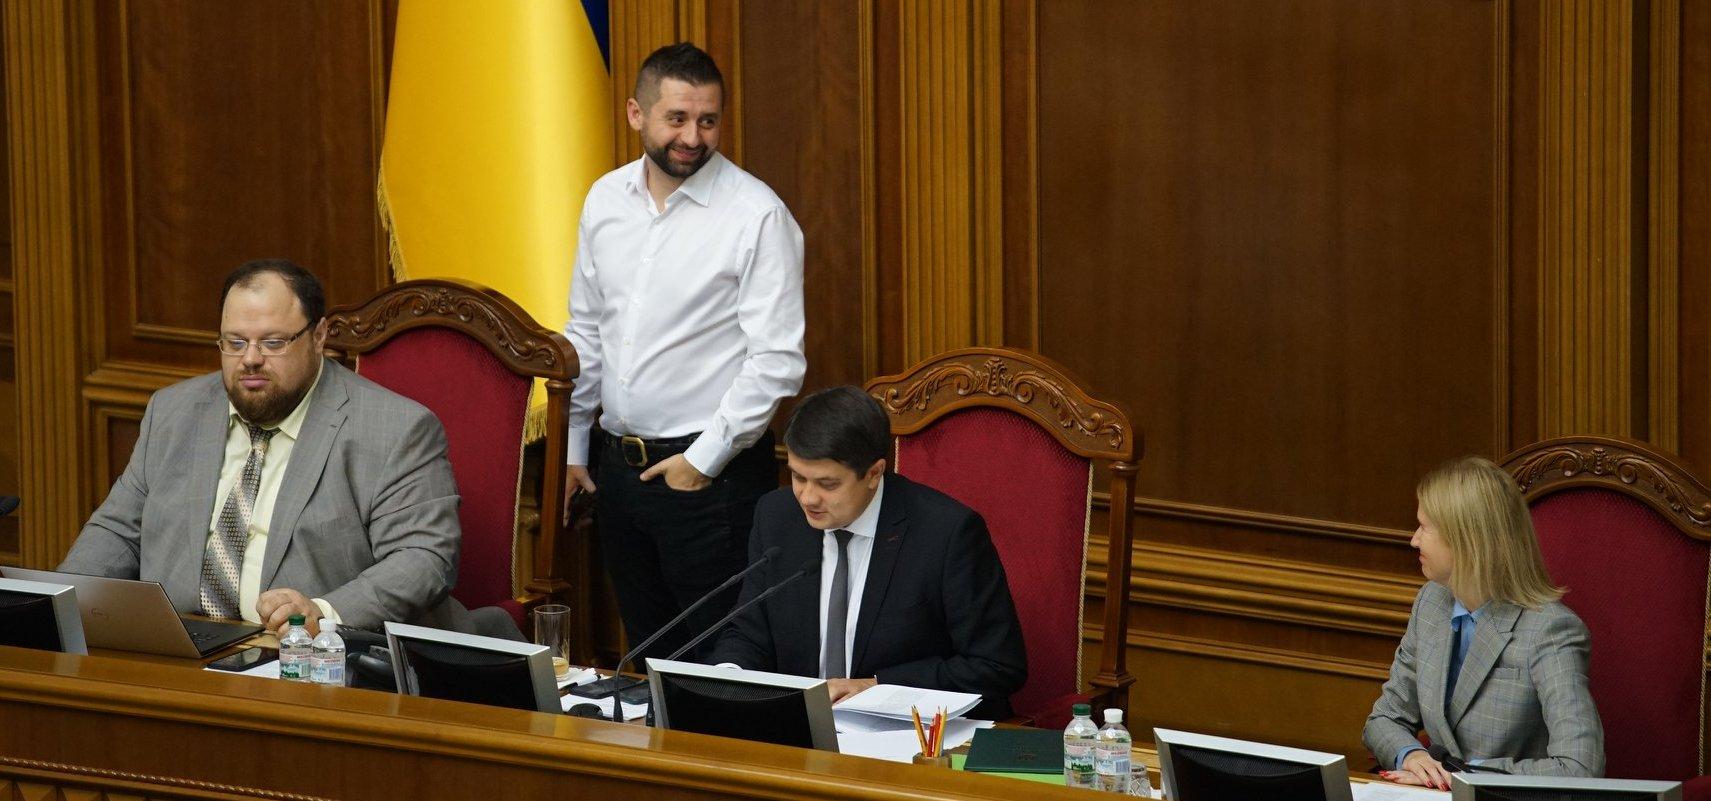 Верховная Рада (Фото: пресс-служба Слуги народа/Facebook)